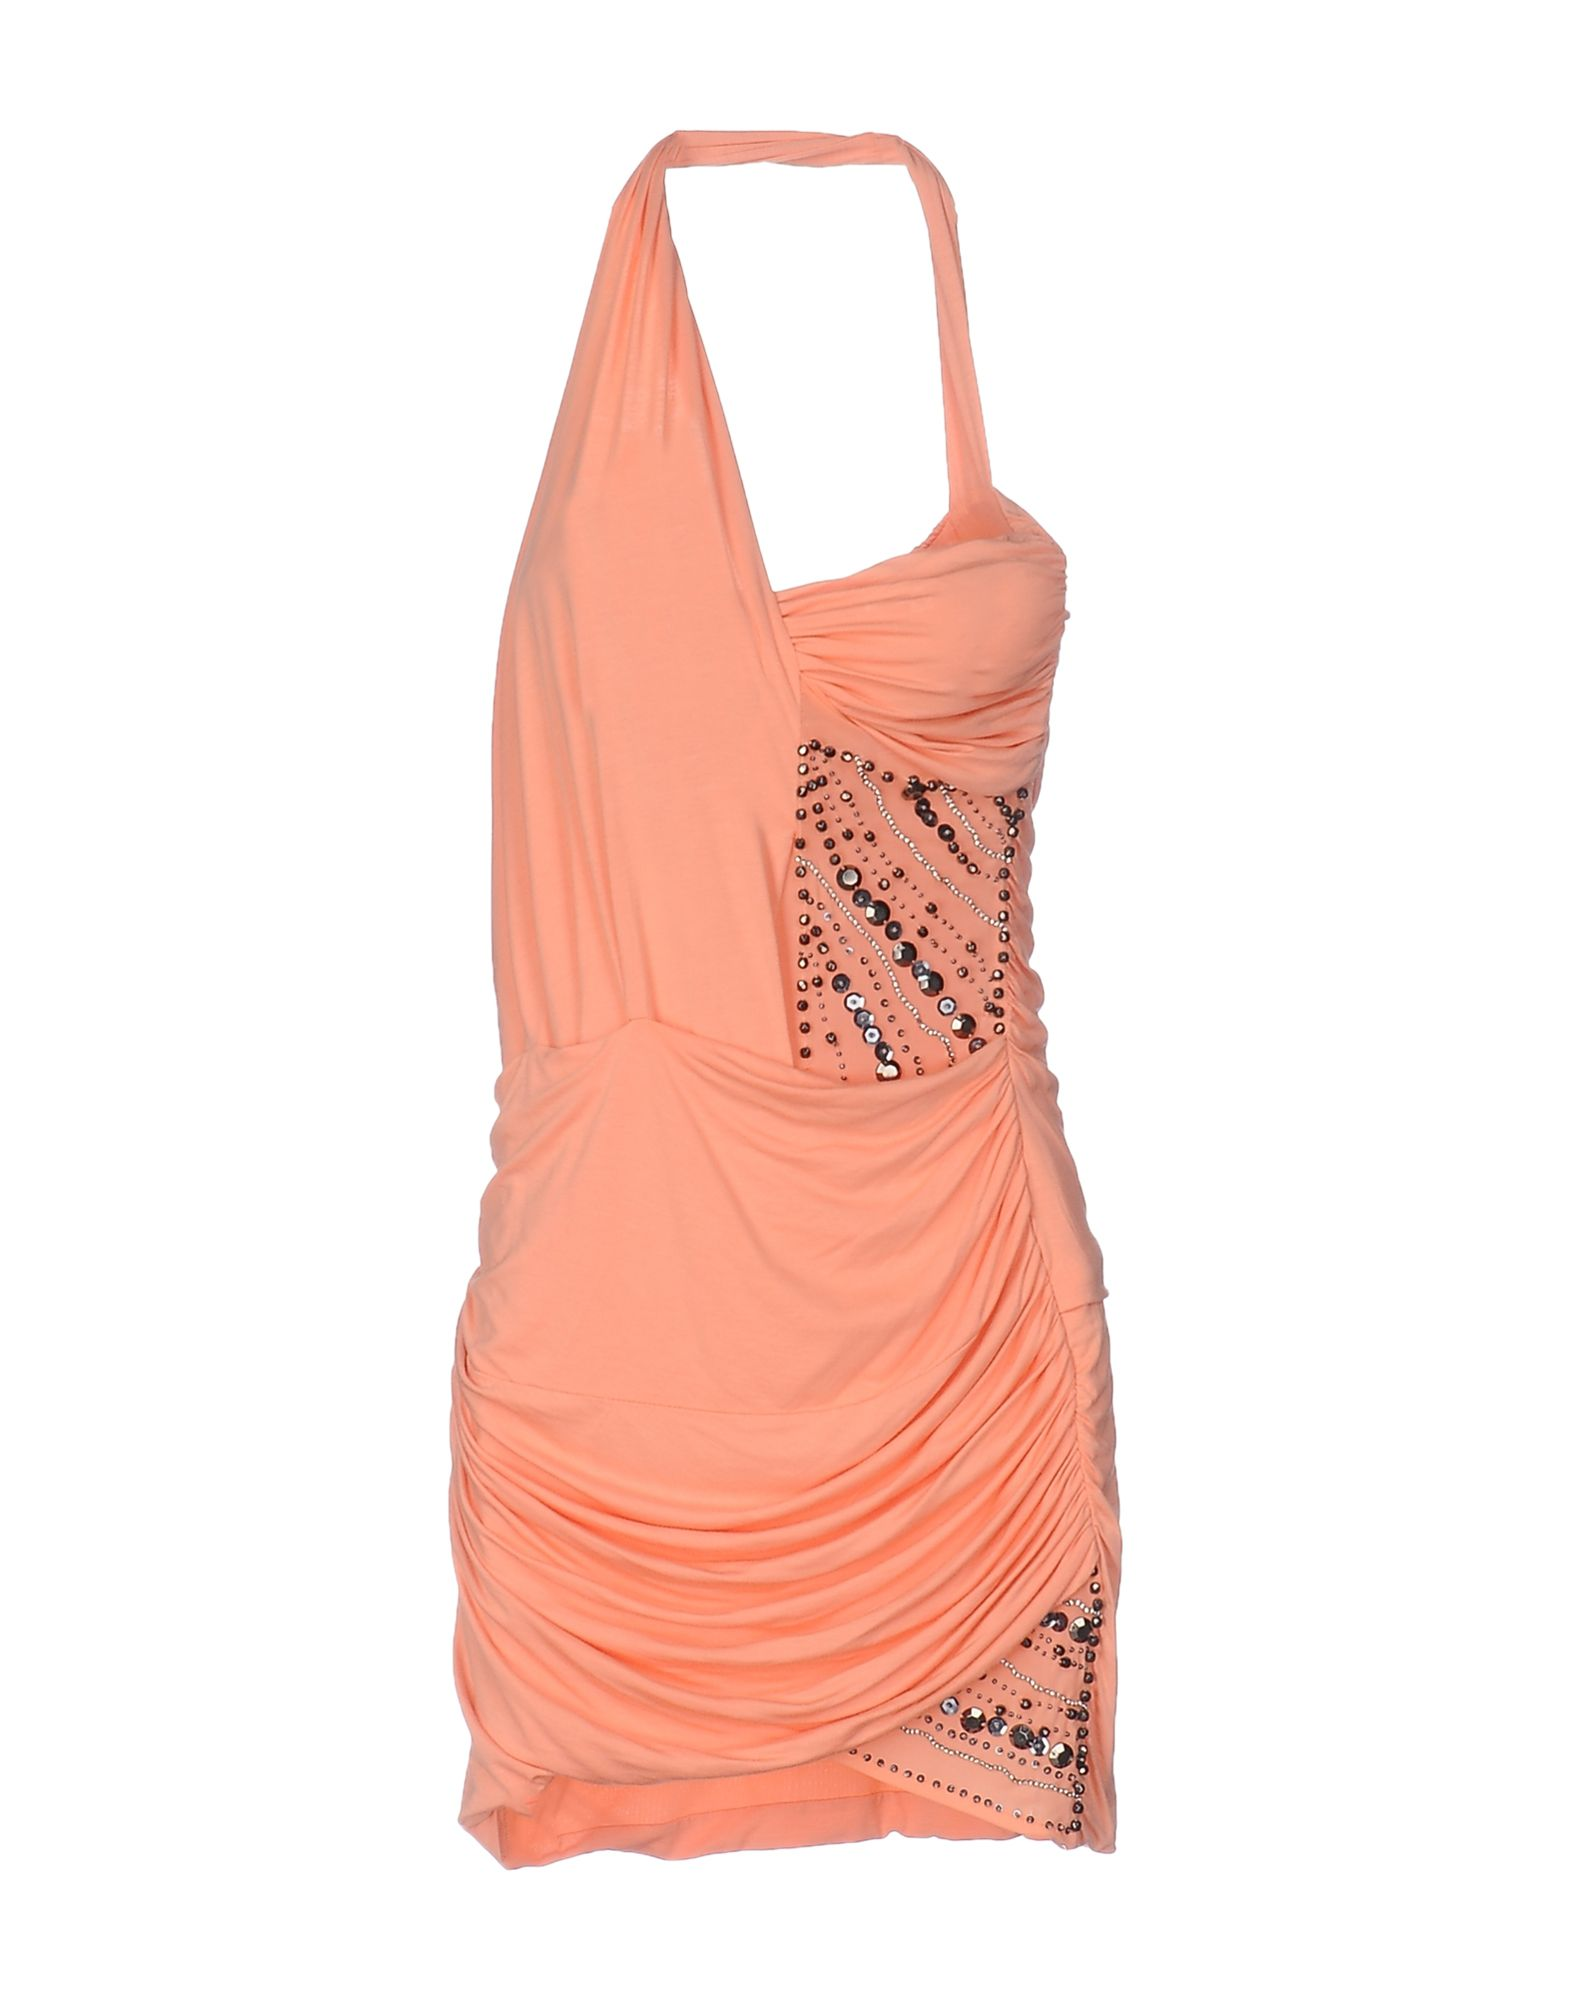 MET MIAMI COCKTAIL Damen Kurzes Kleid Farbe Lachs Größe 5